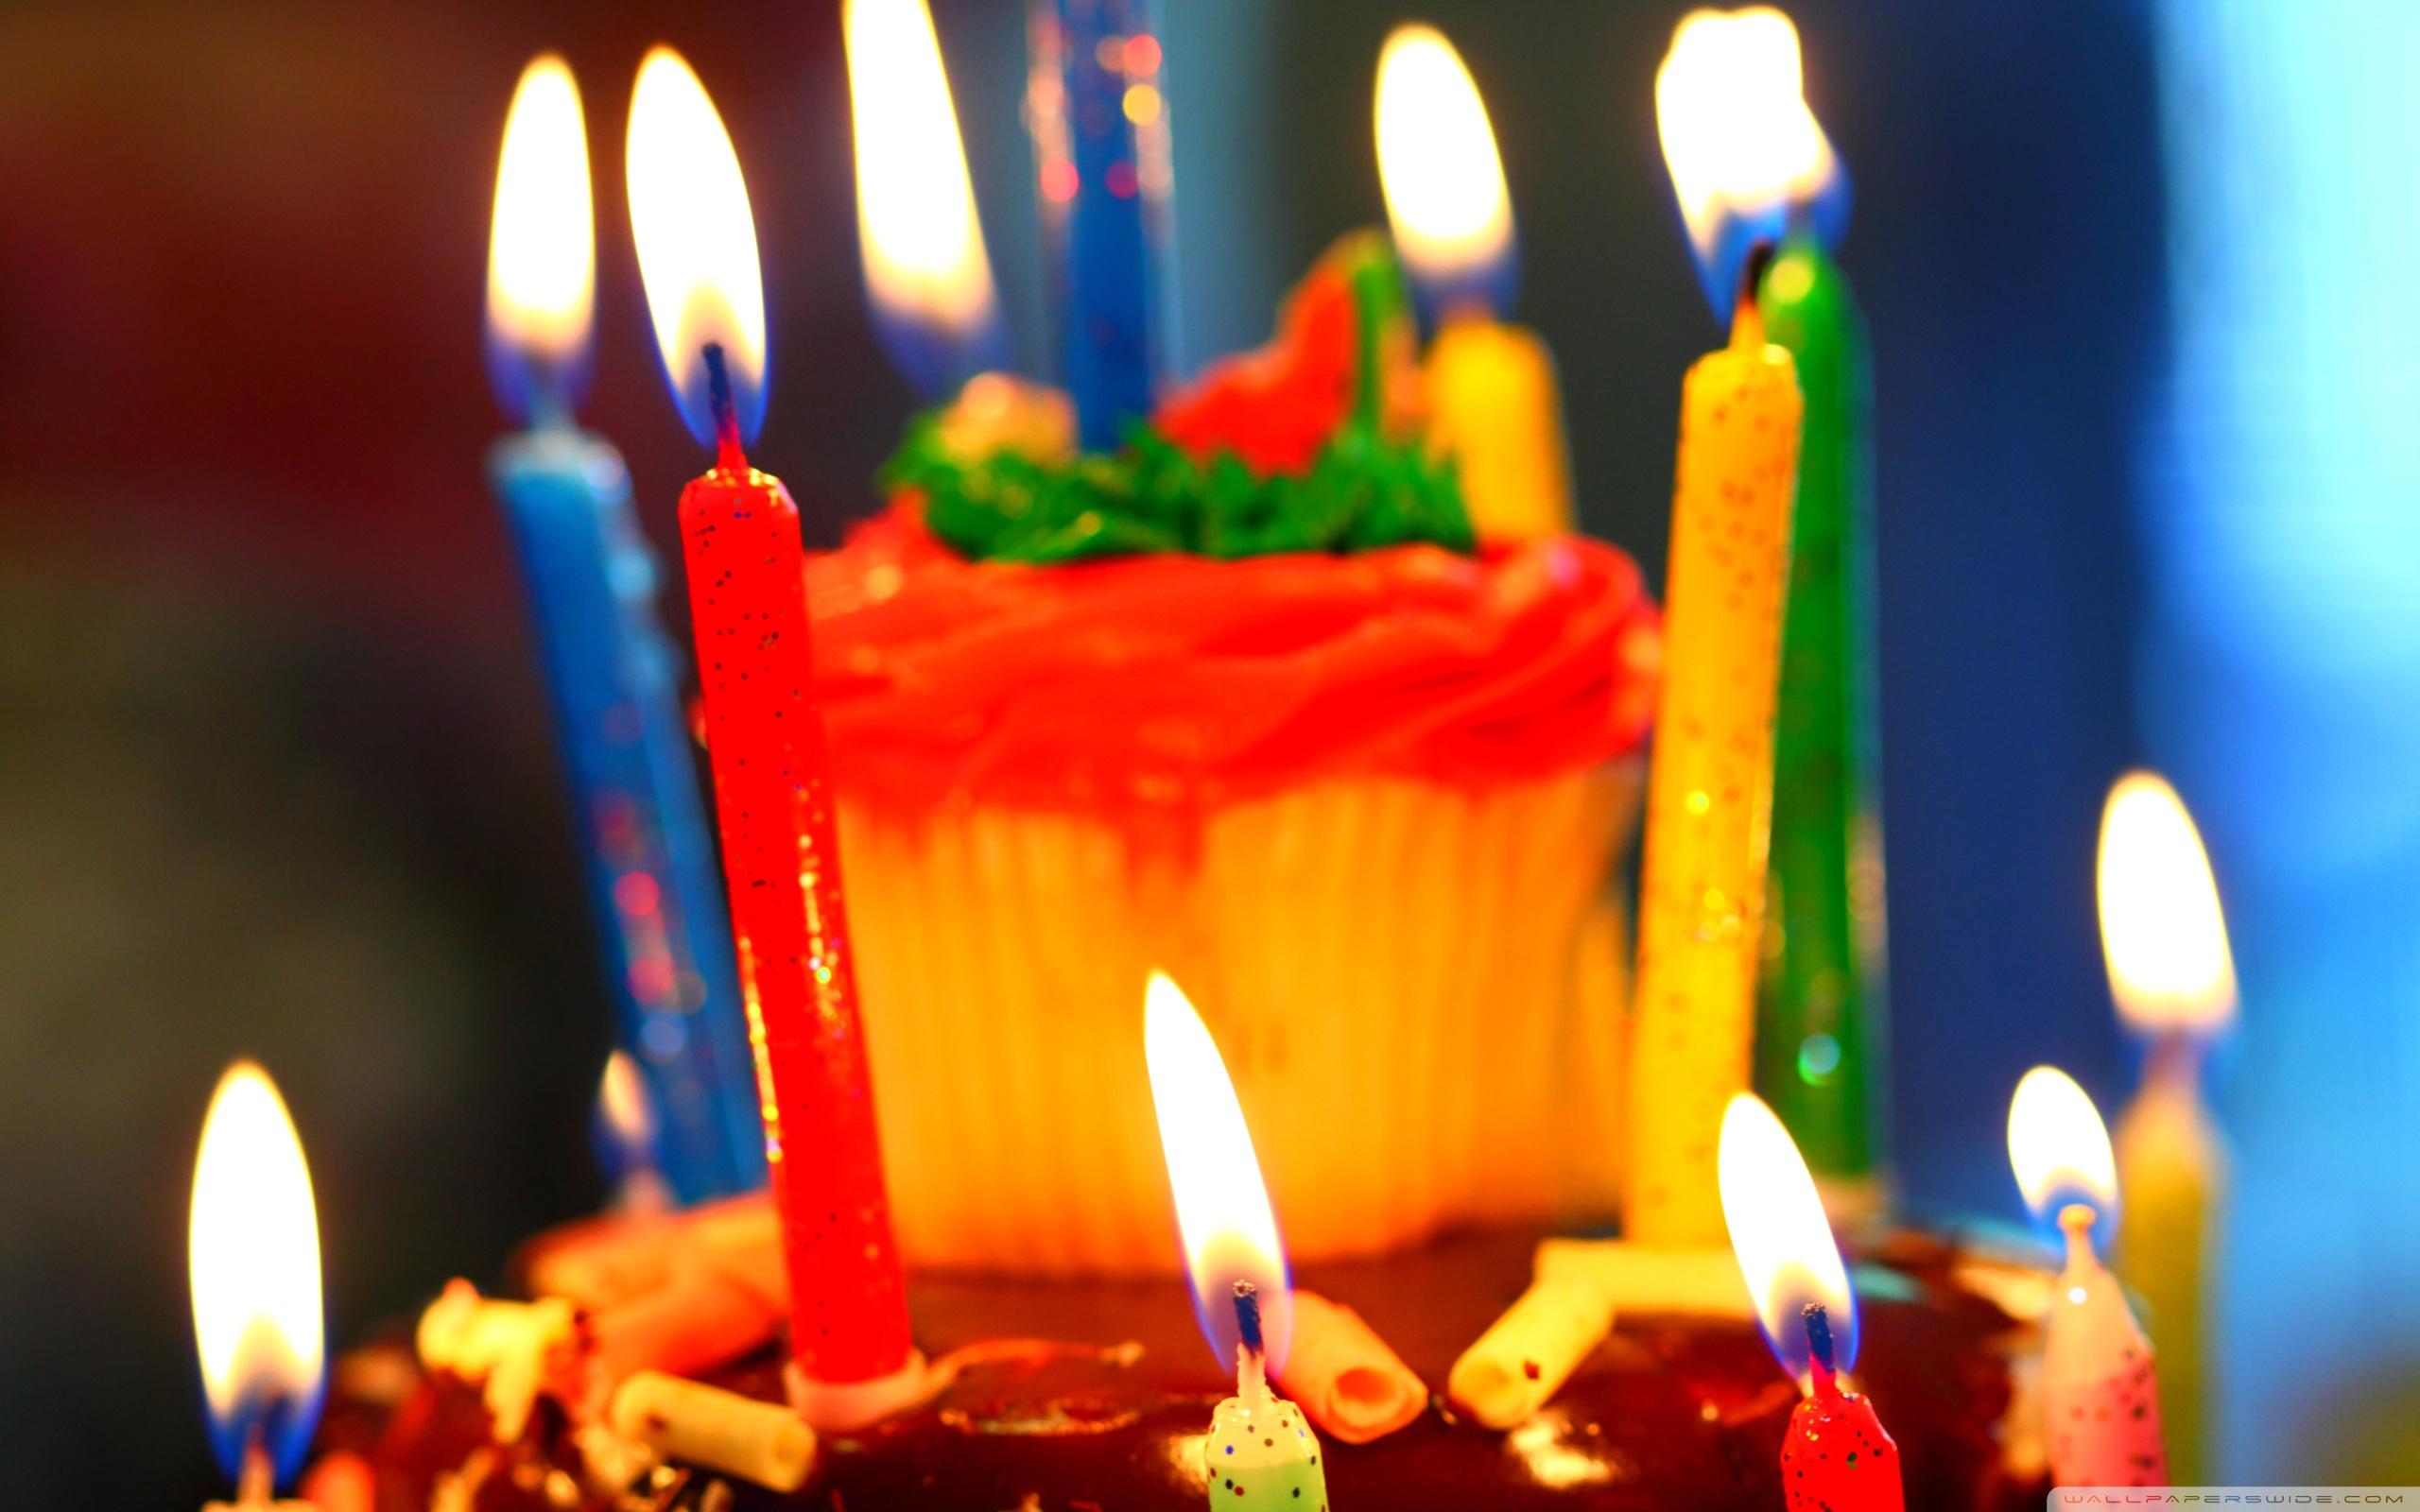 Красивые картинки на тему день рождения, спид картинках